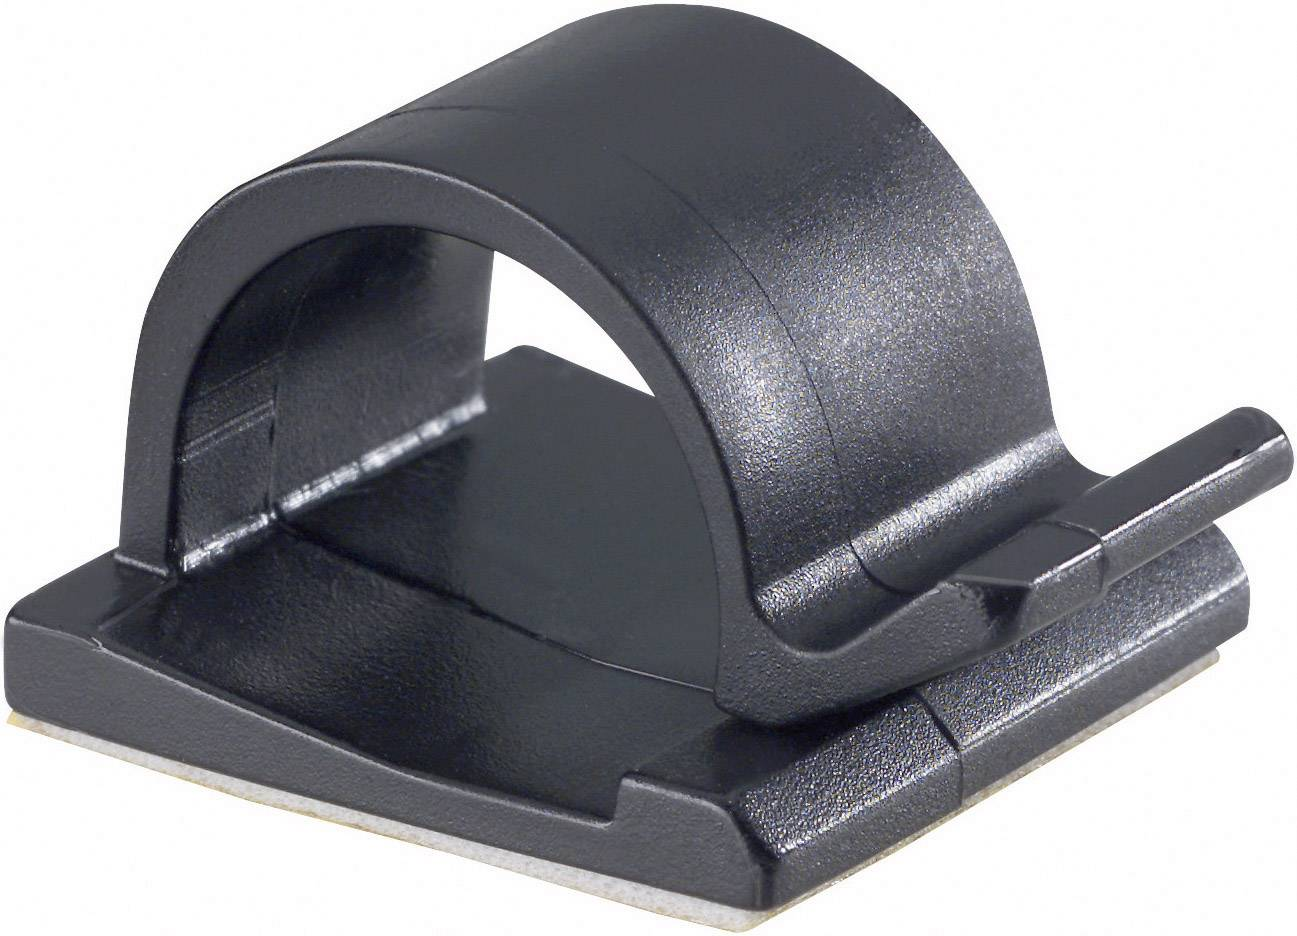 Klip k uchycení kabelů PB Fastener 5439-SW 5439-SW, samolepicí, 15 mm (max), černá, 1 ks